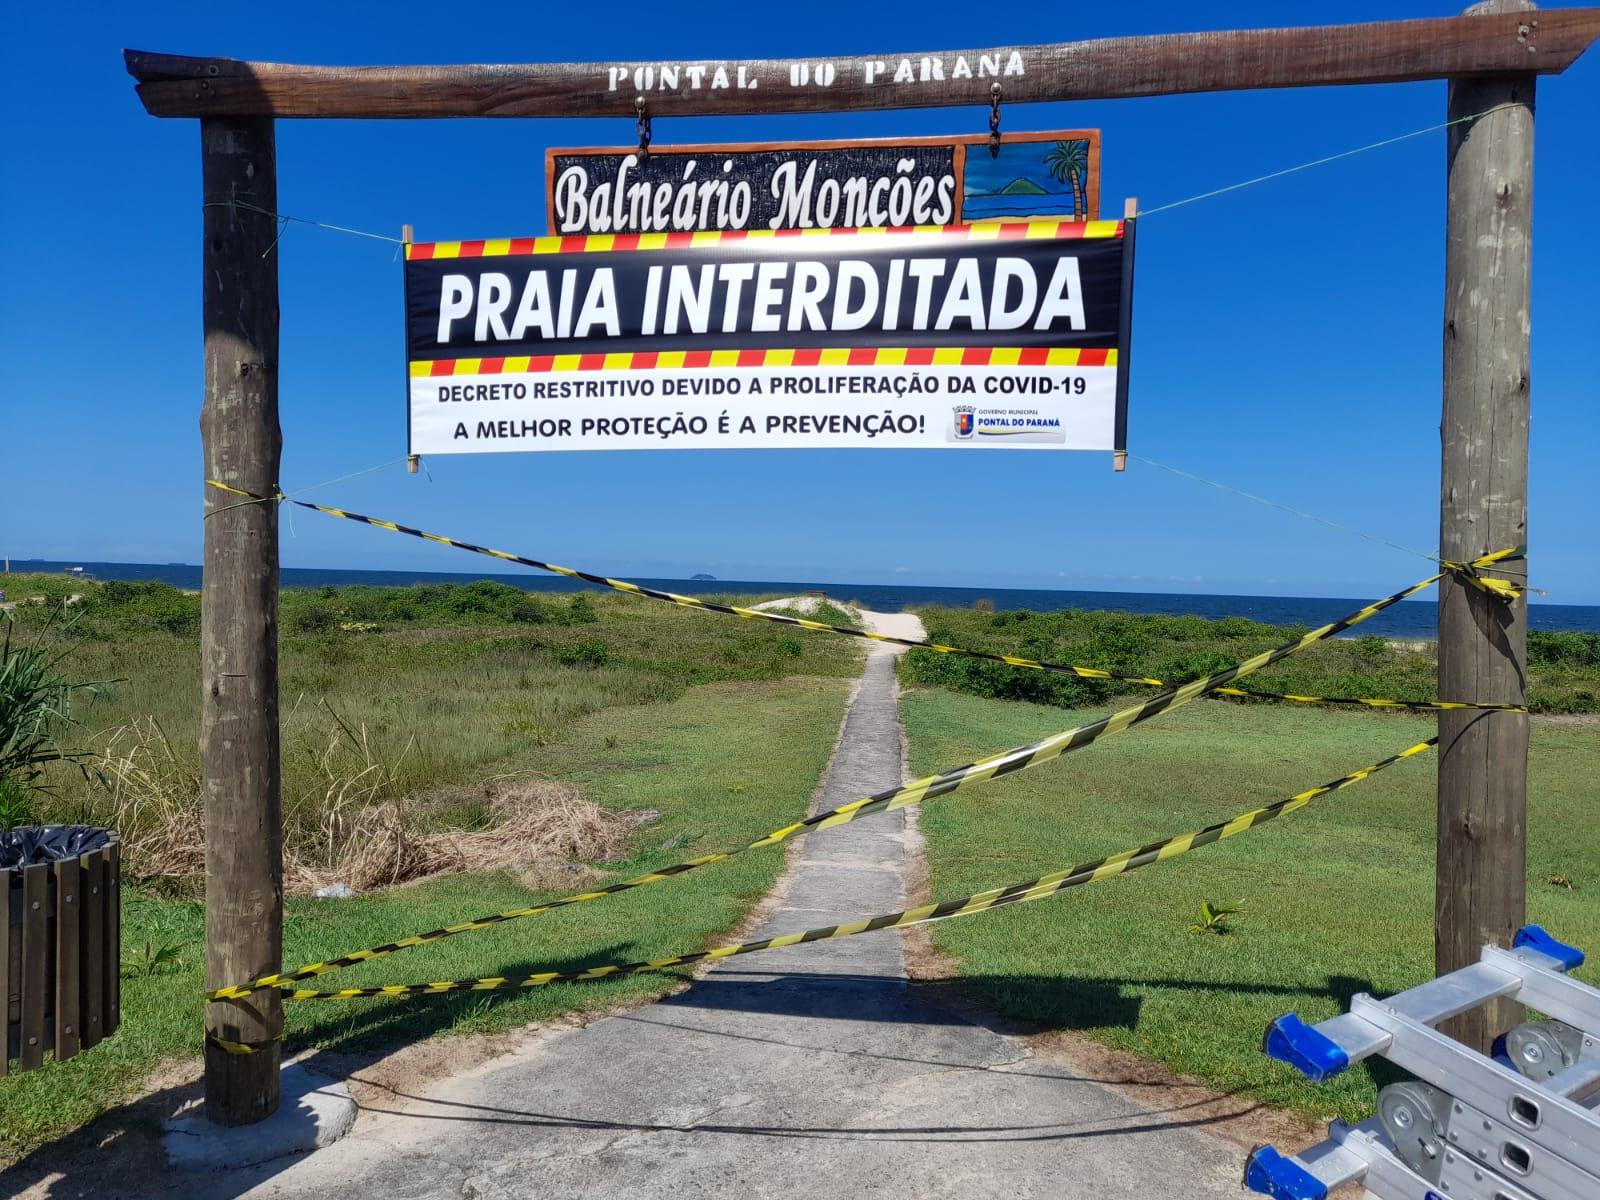 Praias dos balneários de Pontal do Paraná estarão fechadas (Foto: Prefeitura de Pontal do Paraná)